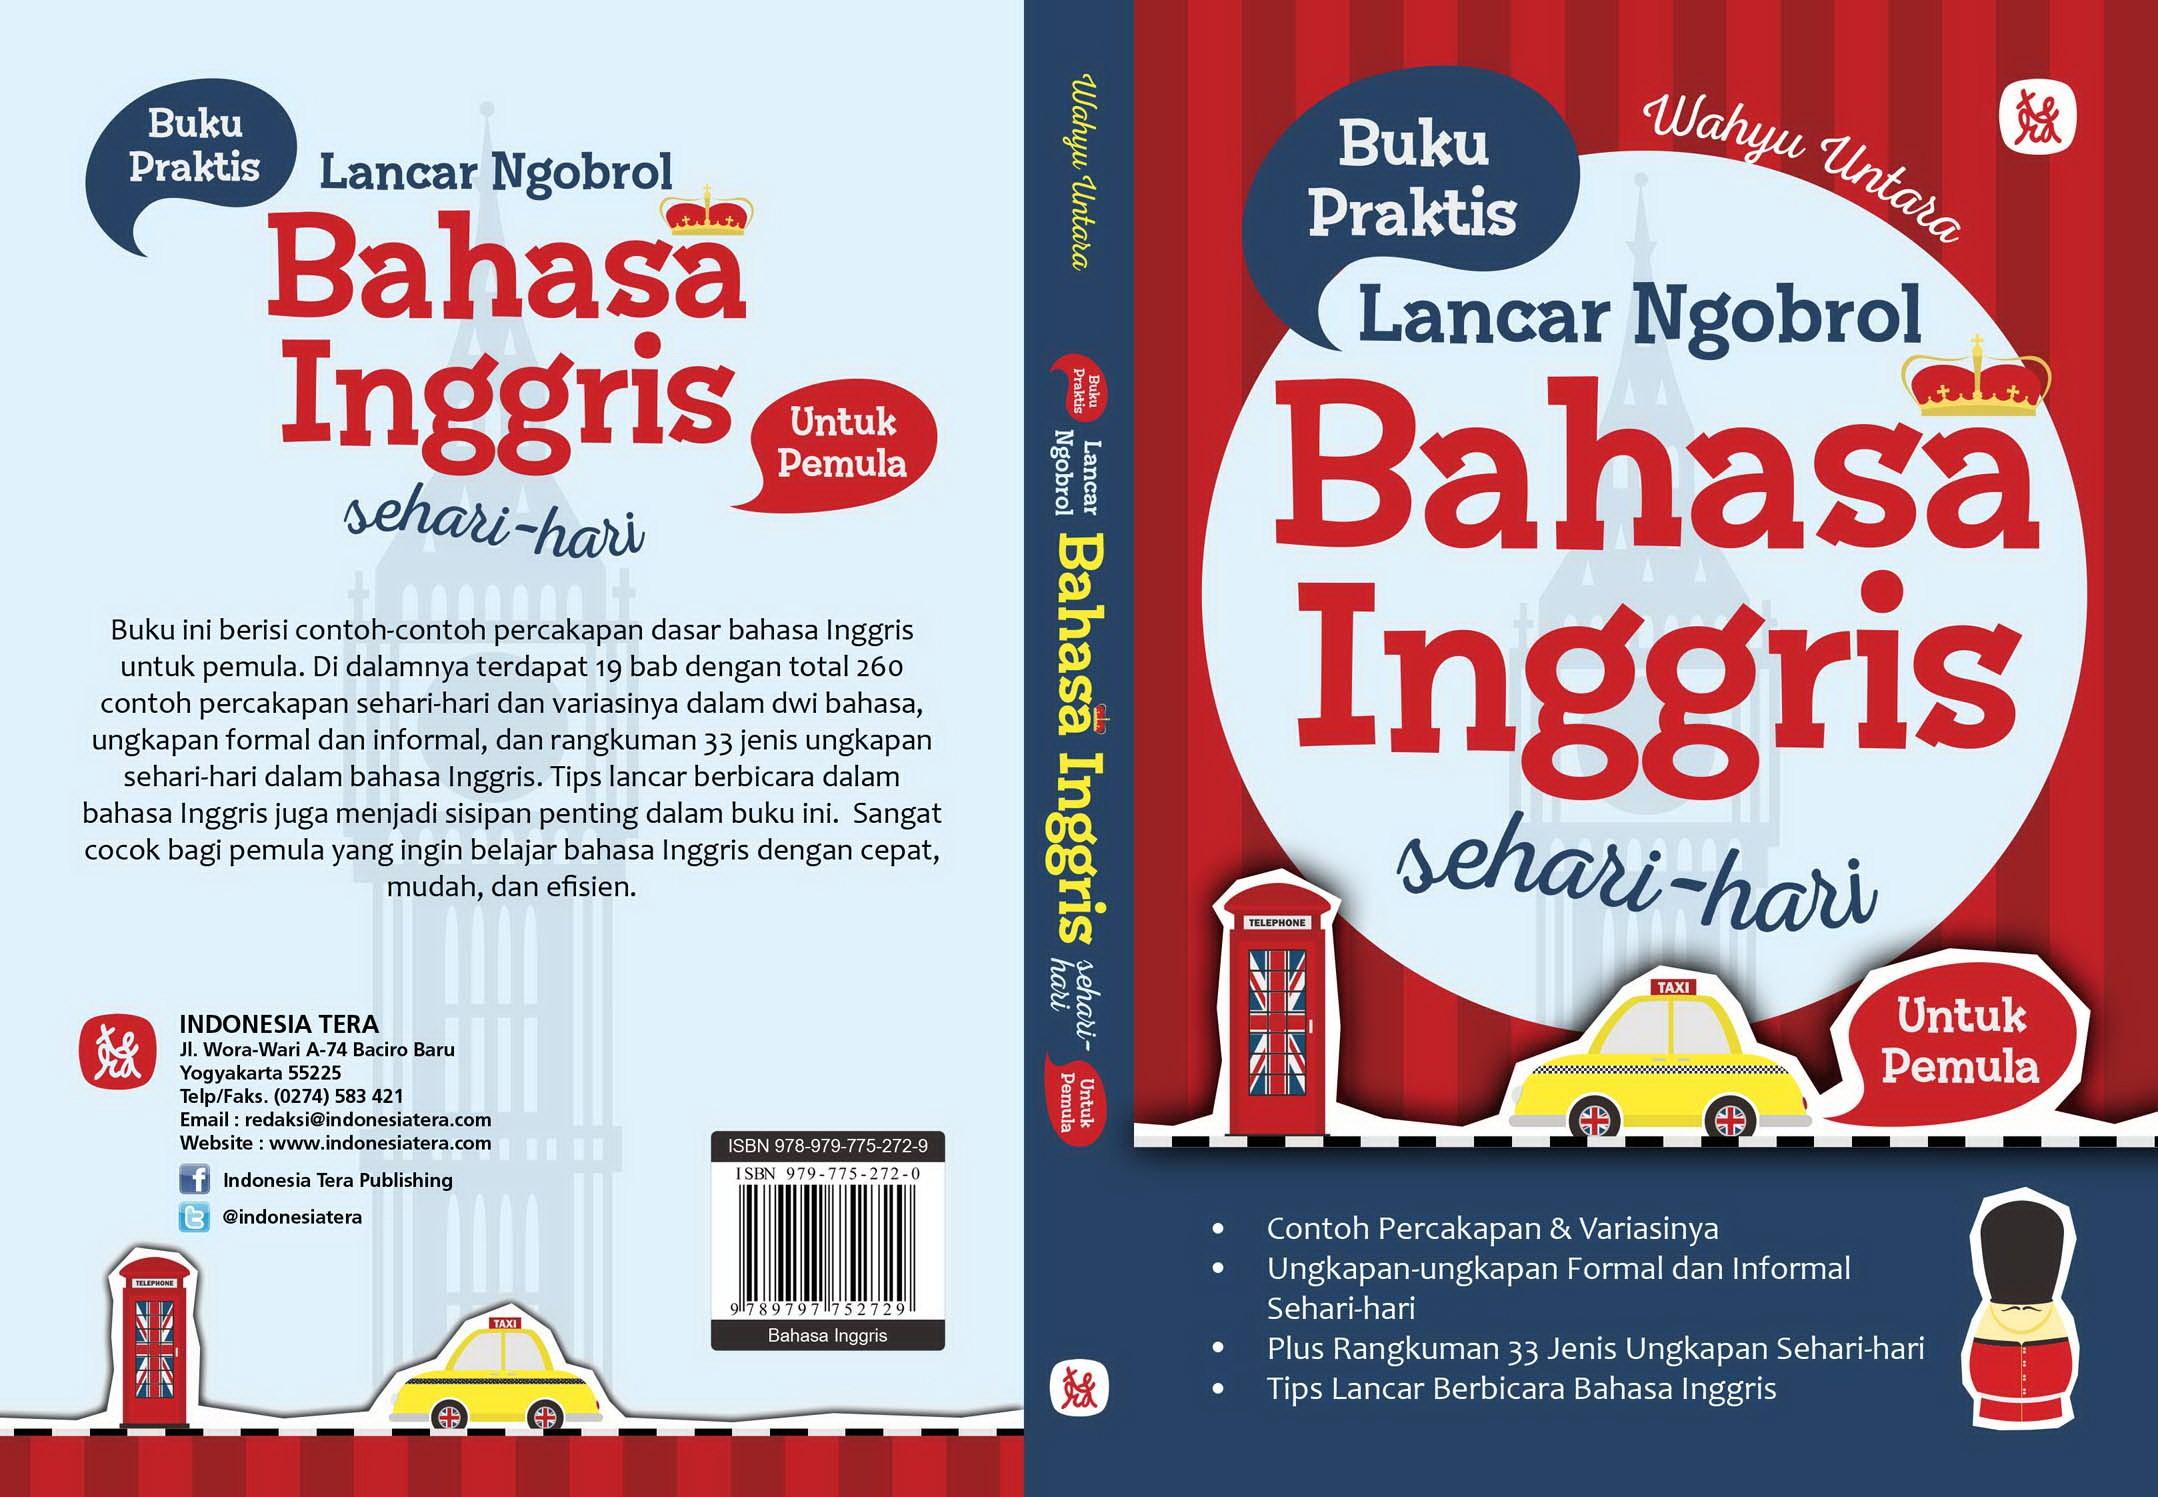 Buku Praktis Lancar Ngobrol Bahasa Inggris Sehari Hari Untuk Pemula